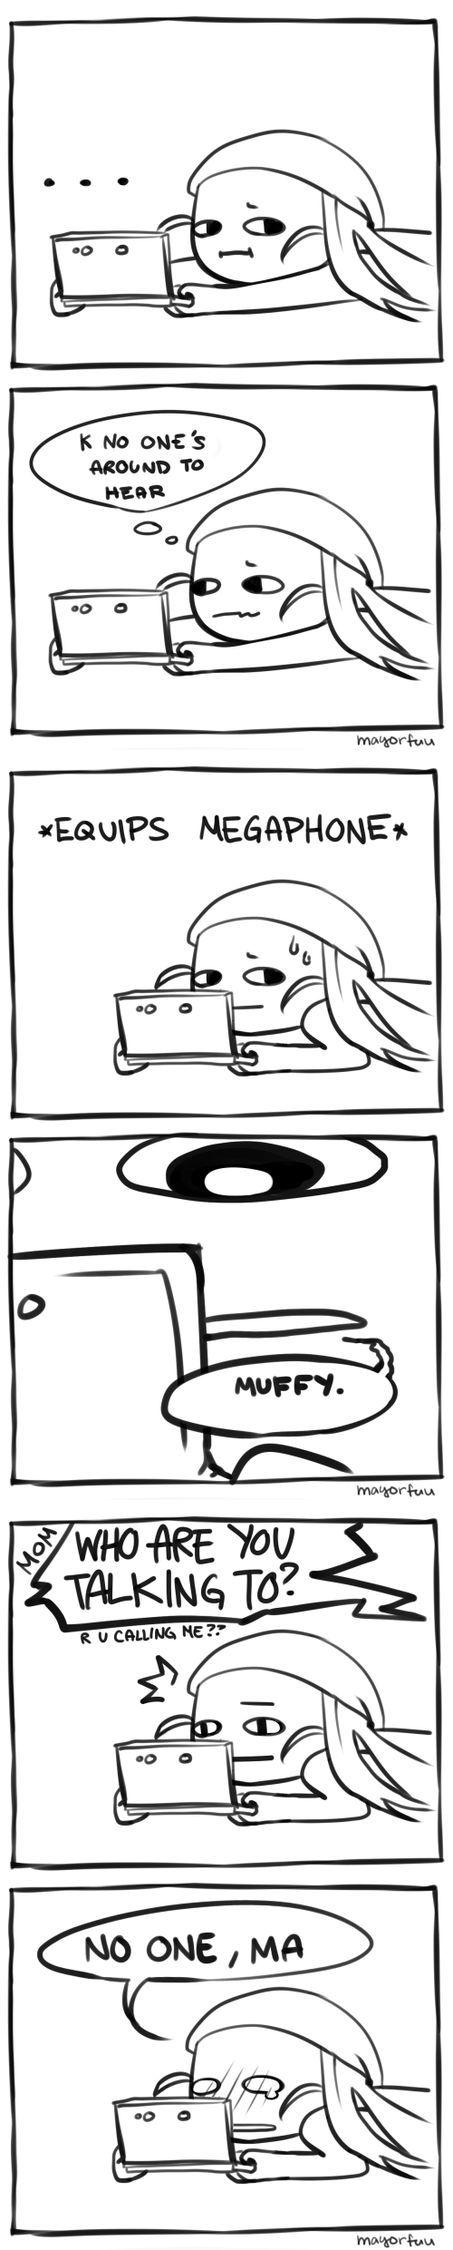 Animal Crossing New Leaf: